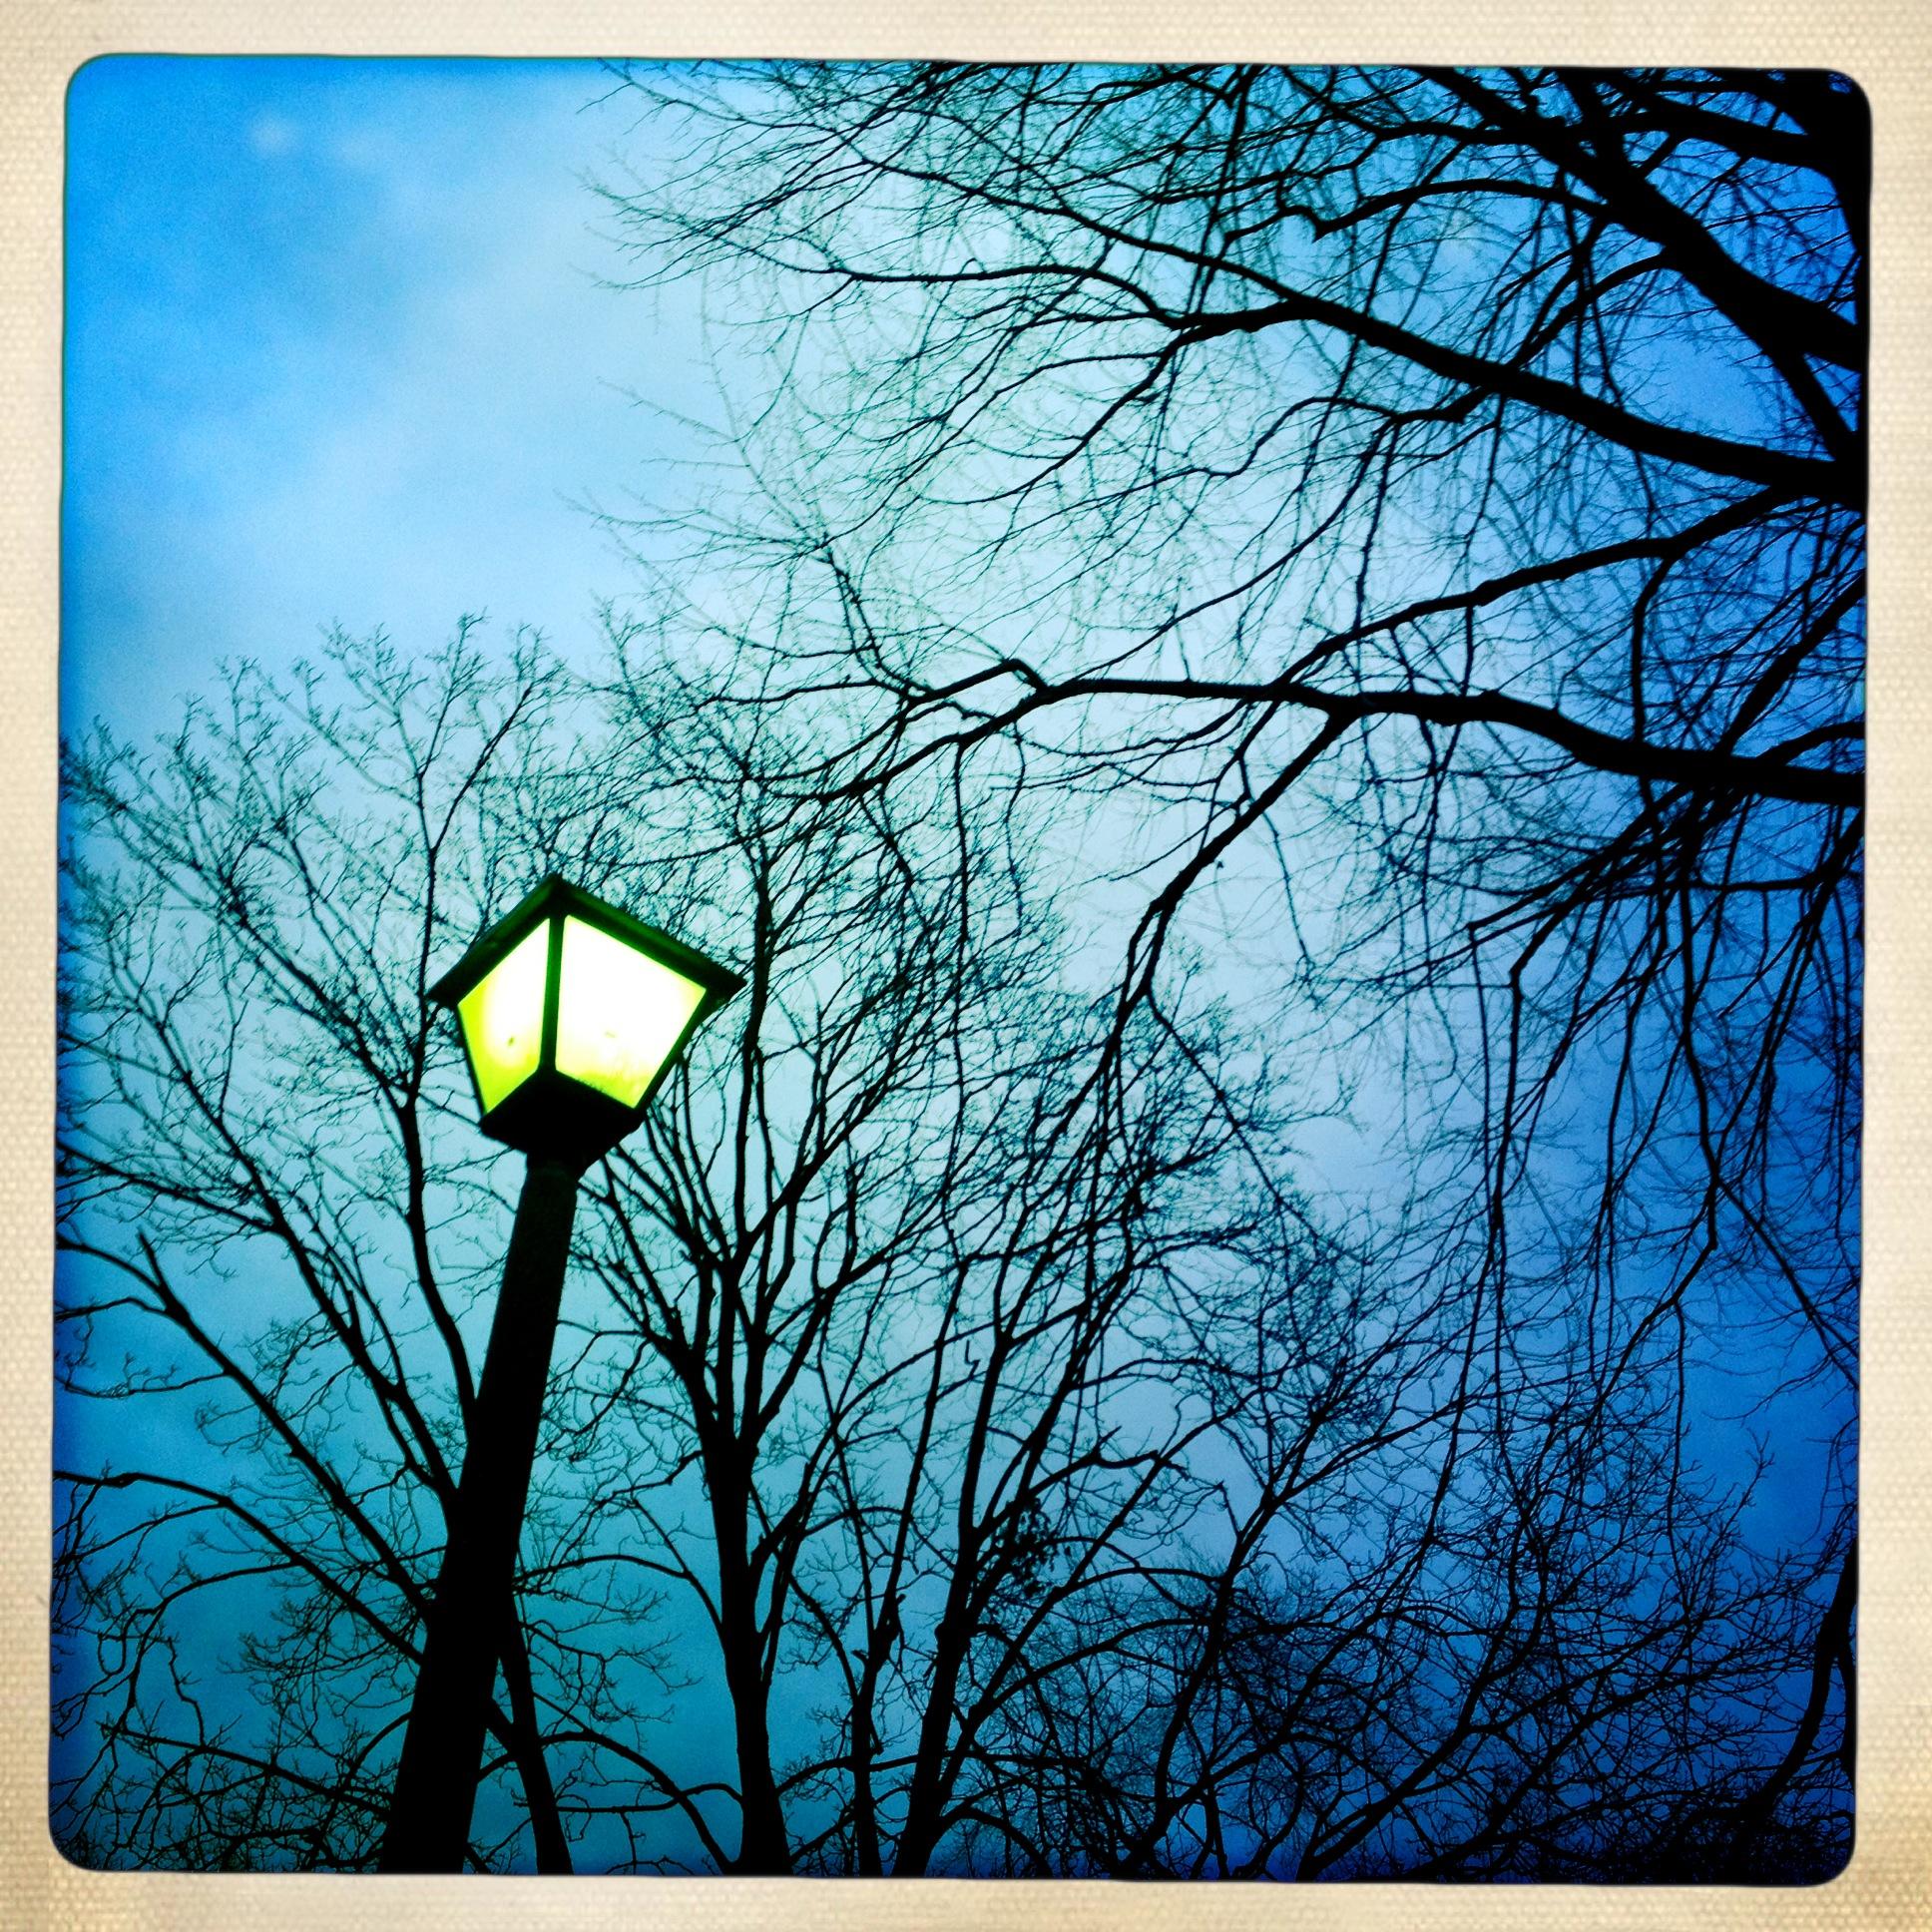 Light post in New York